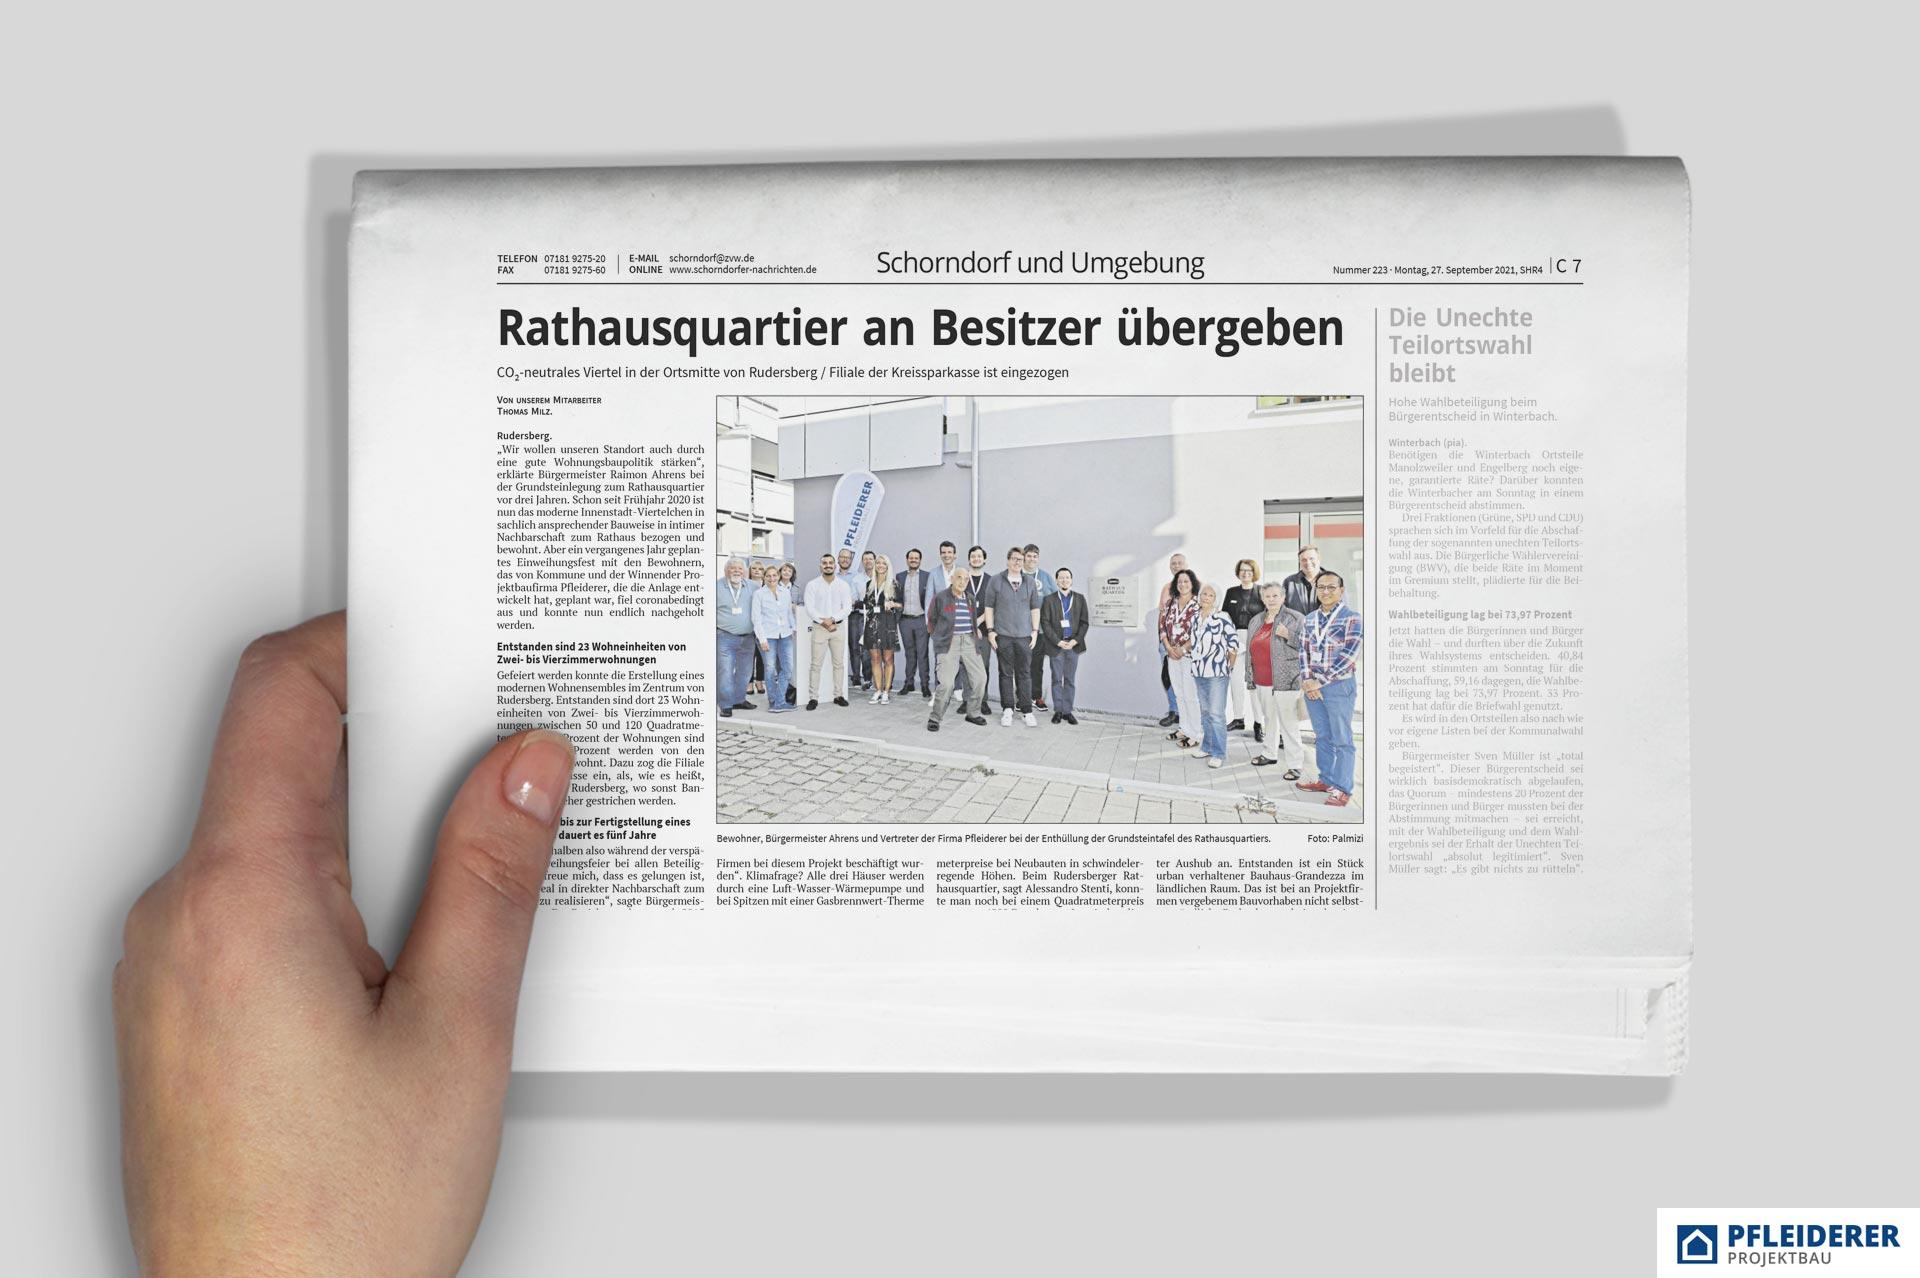 PFLEIDERER: Zeitungsartikel RATHAUSQUARTIER